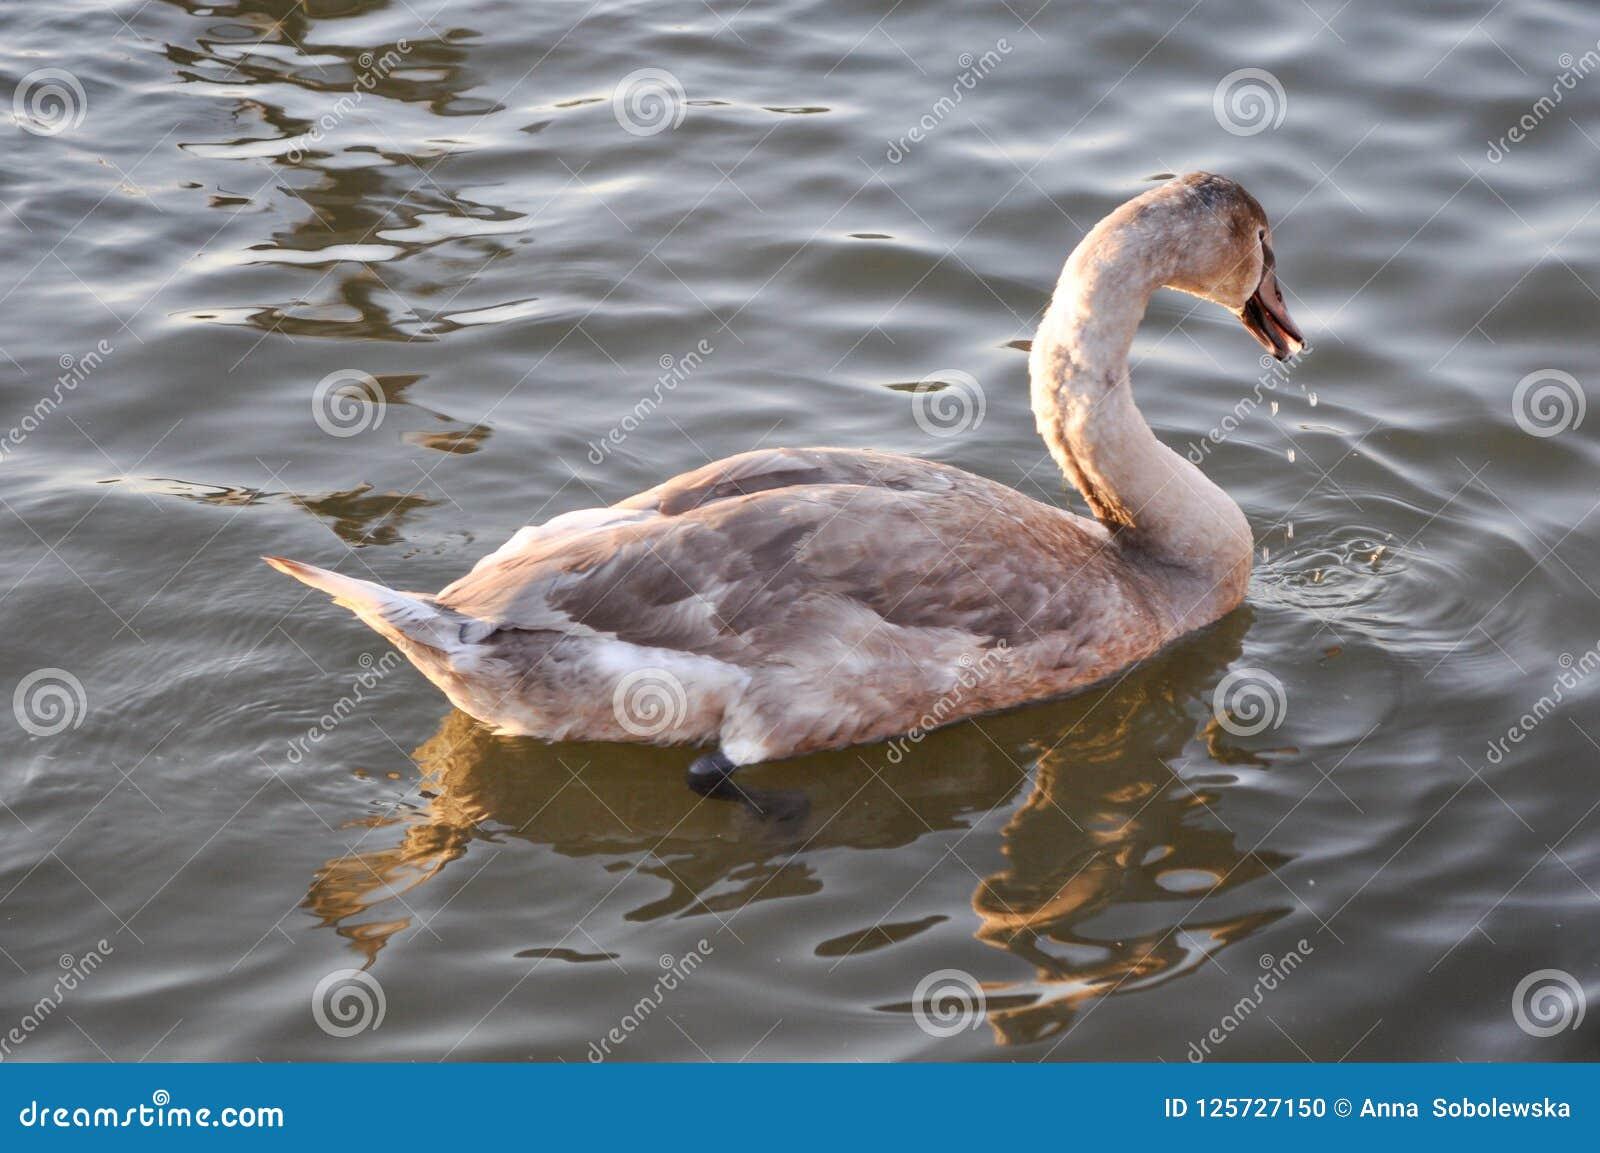 天鹅游泳在与落从它的嘴的小滴的水中